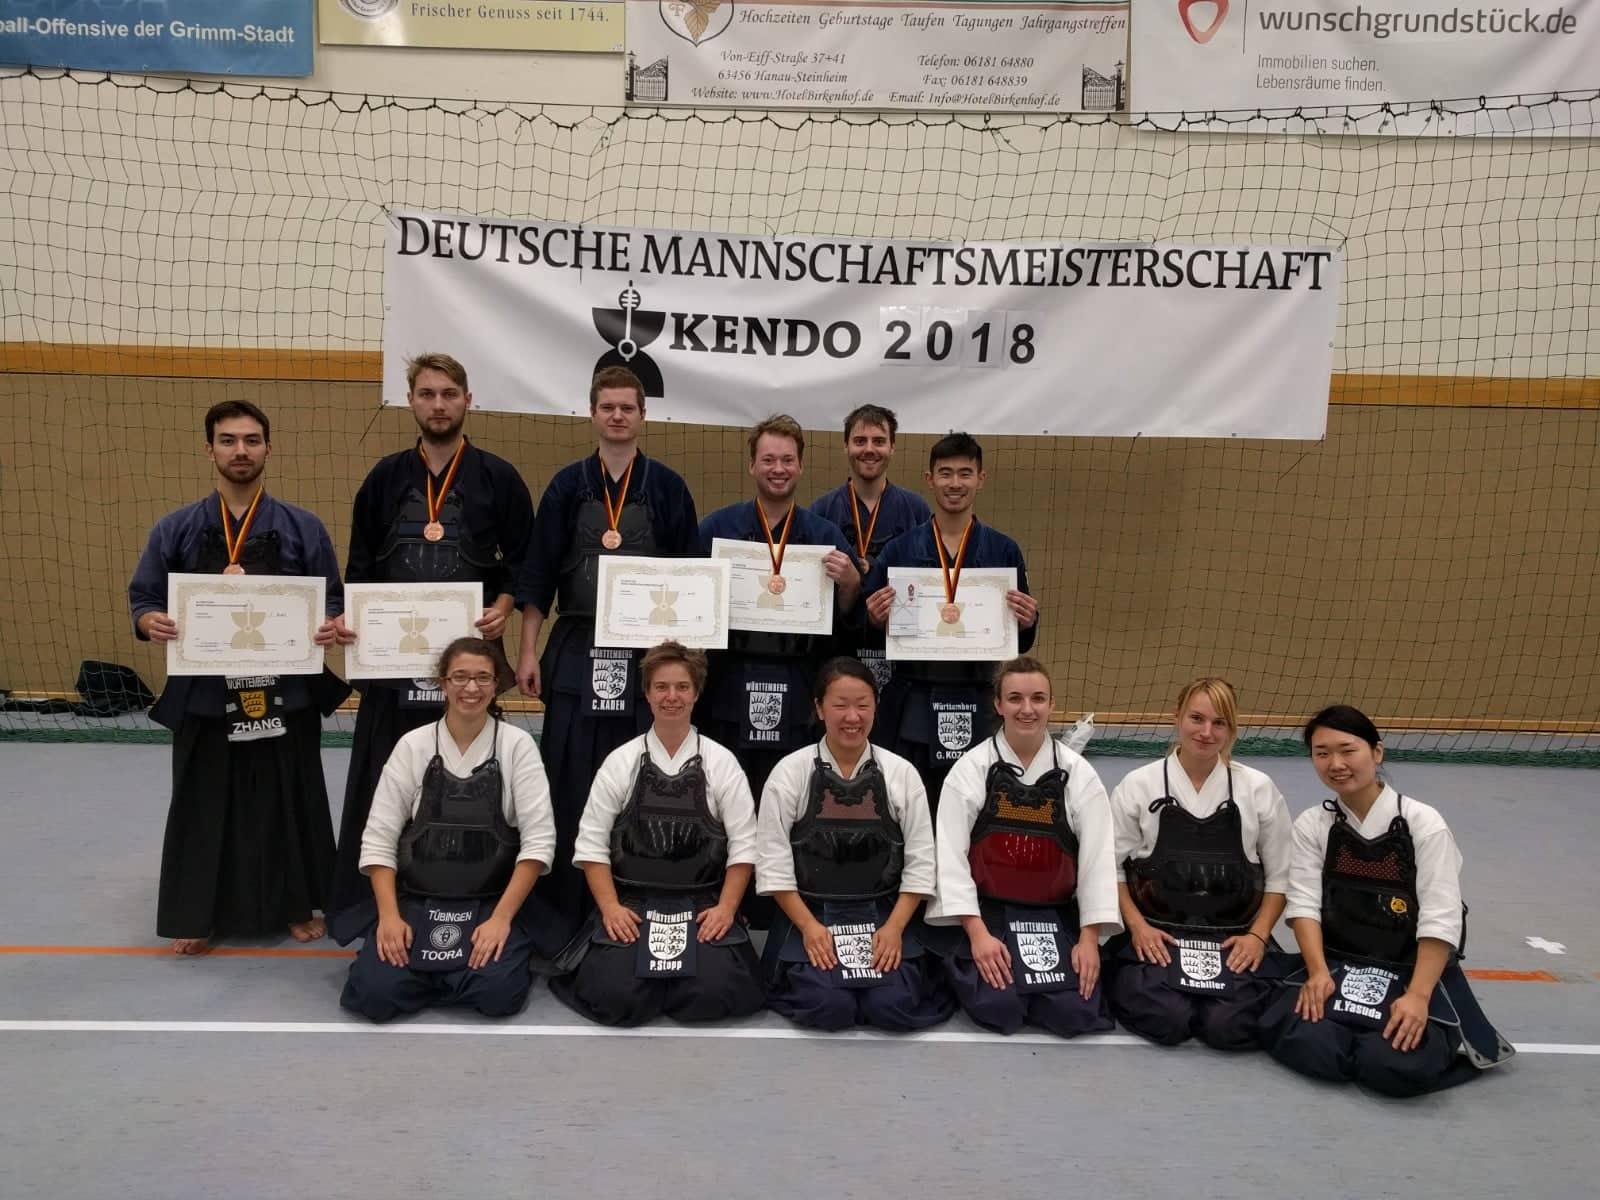 Ergebnisse der 44. Deutschen Mannschaftsmeisterschaft 2018